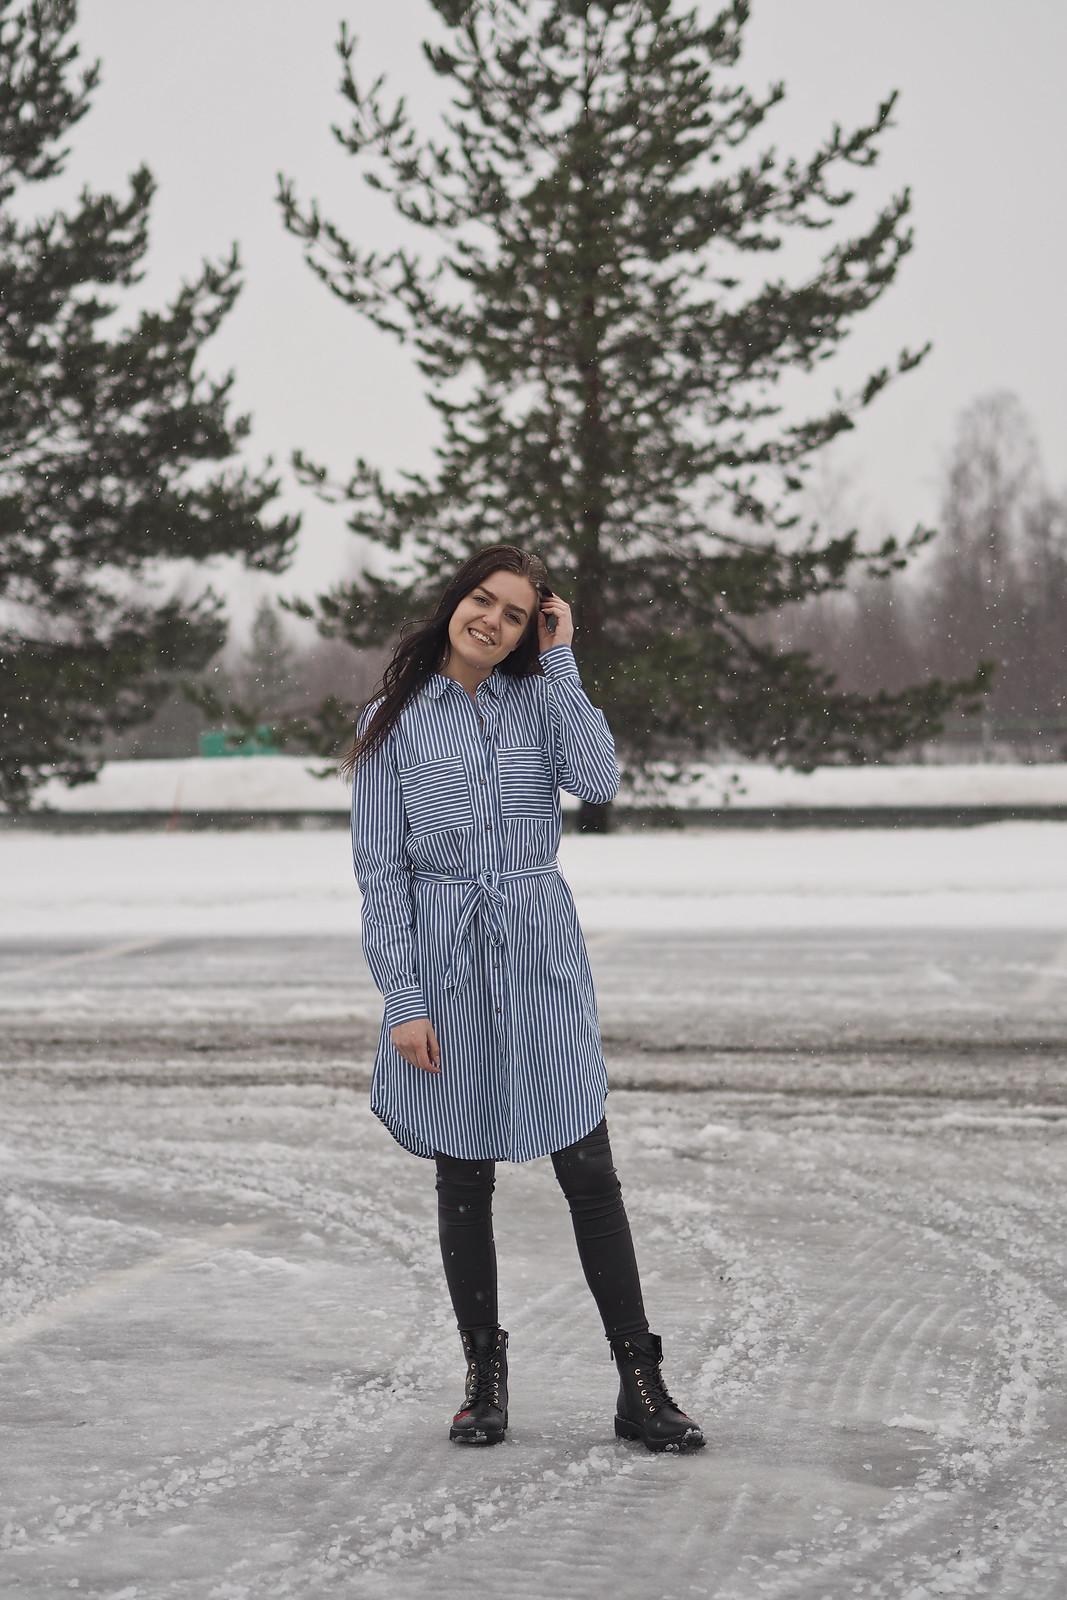 mekko talvella